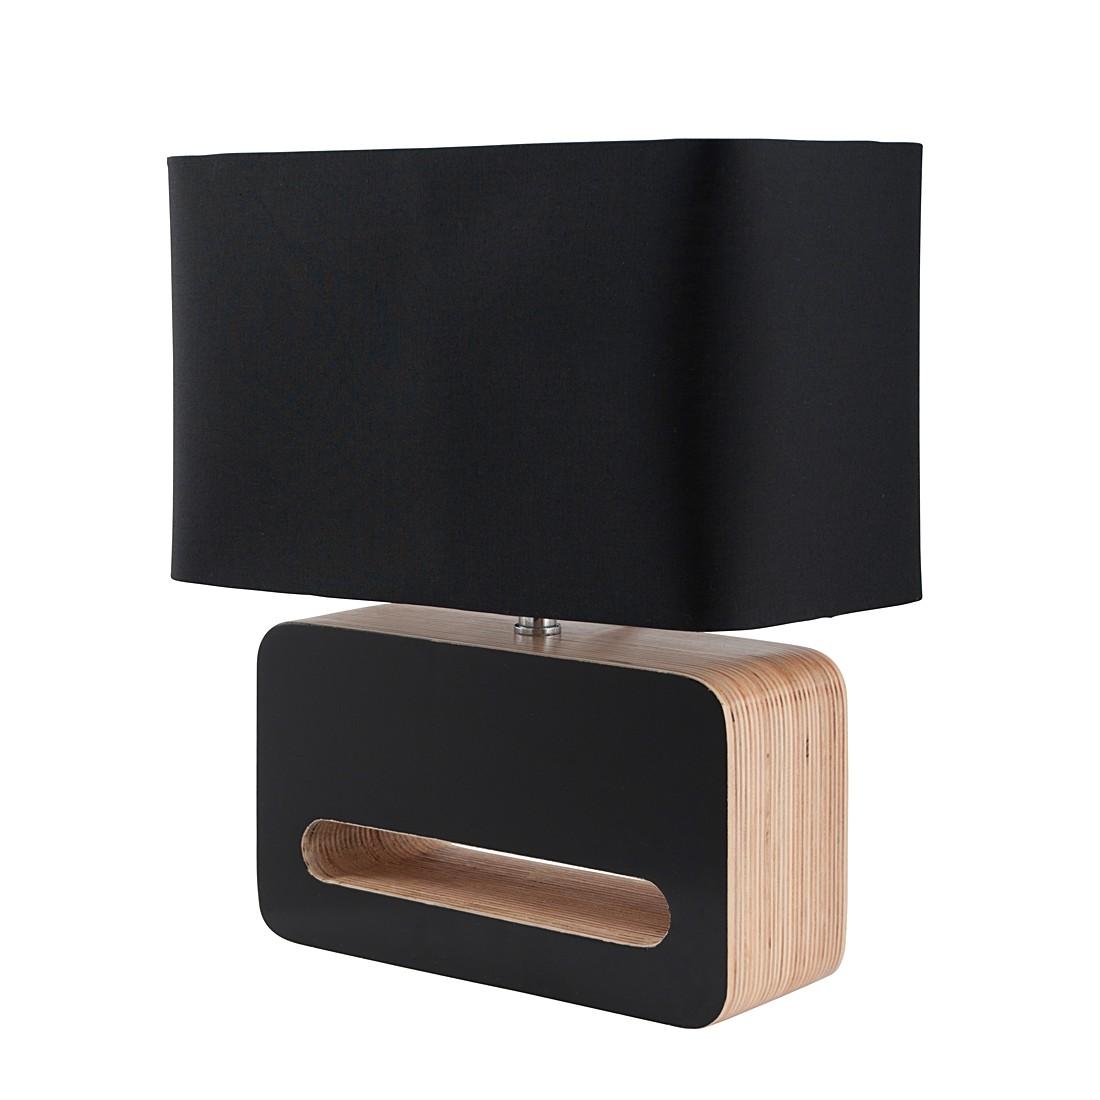 Tischleuchte WOOD ● Holz/Baumwolle ● 1-flammig- Zuiver A++